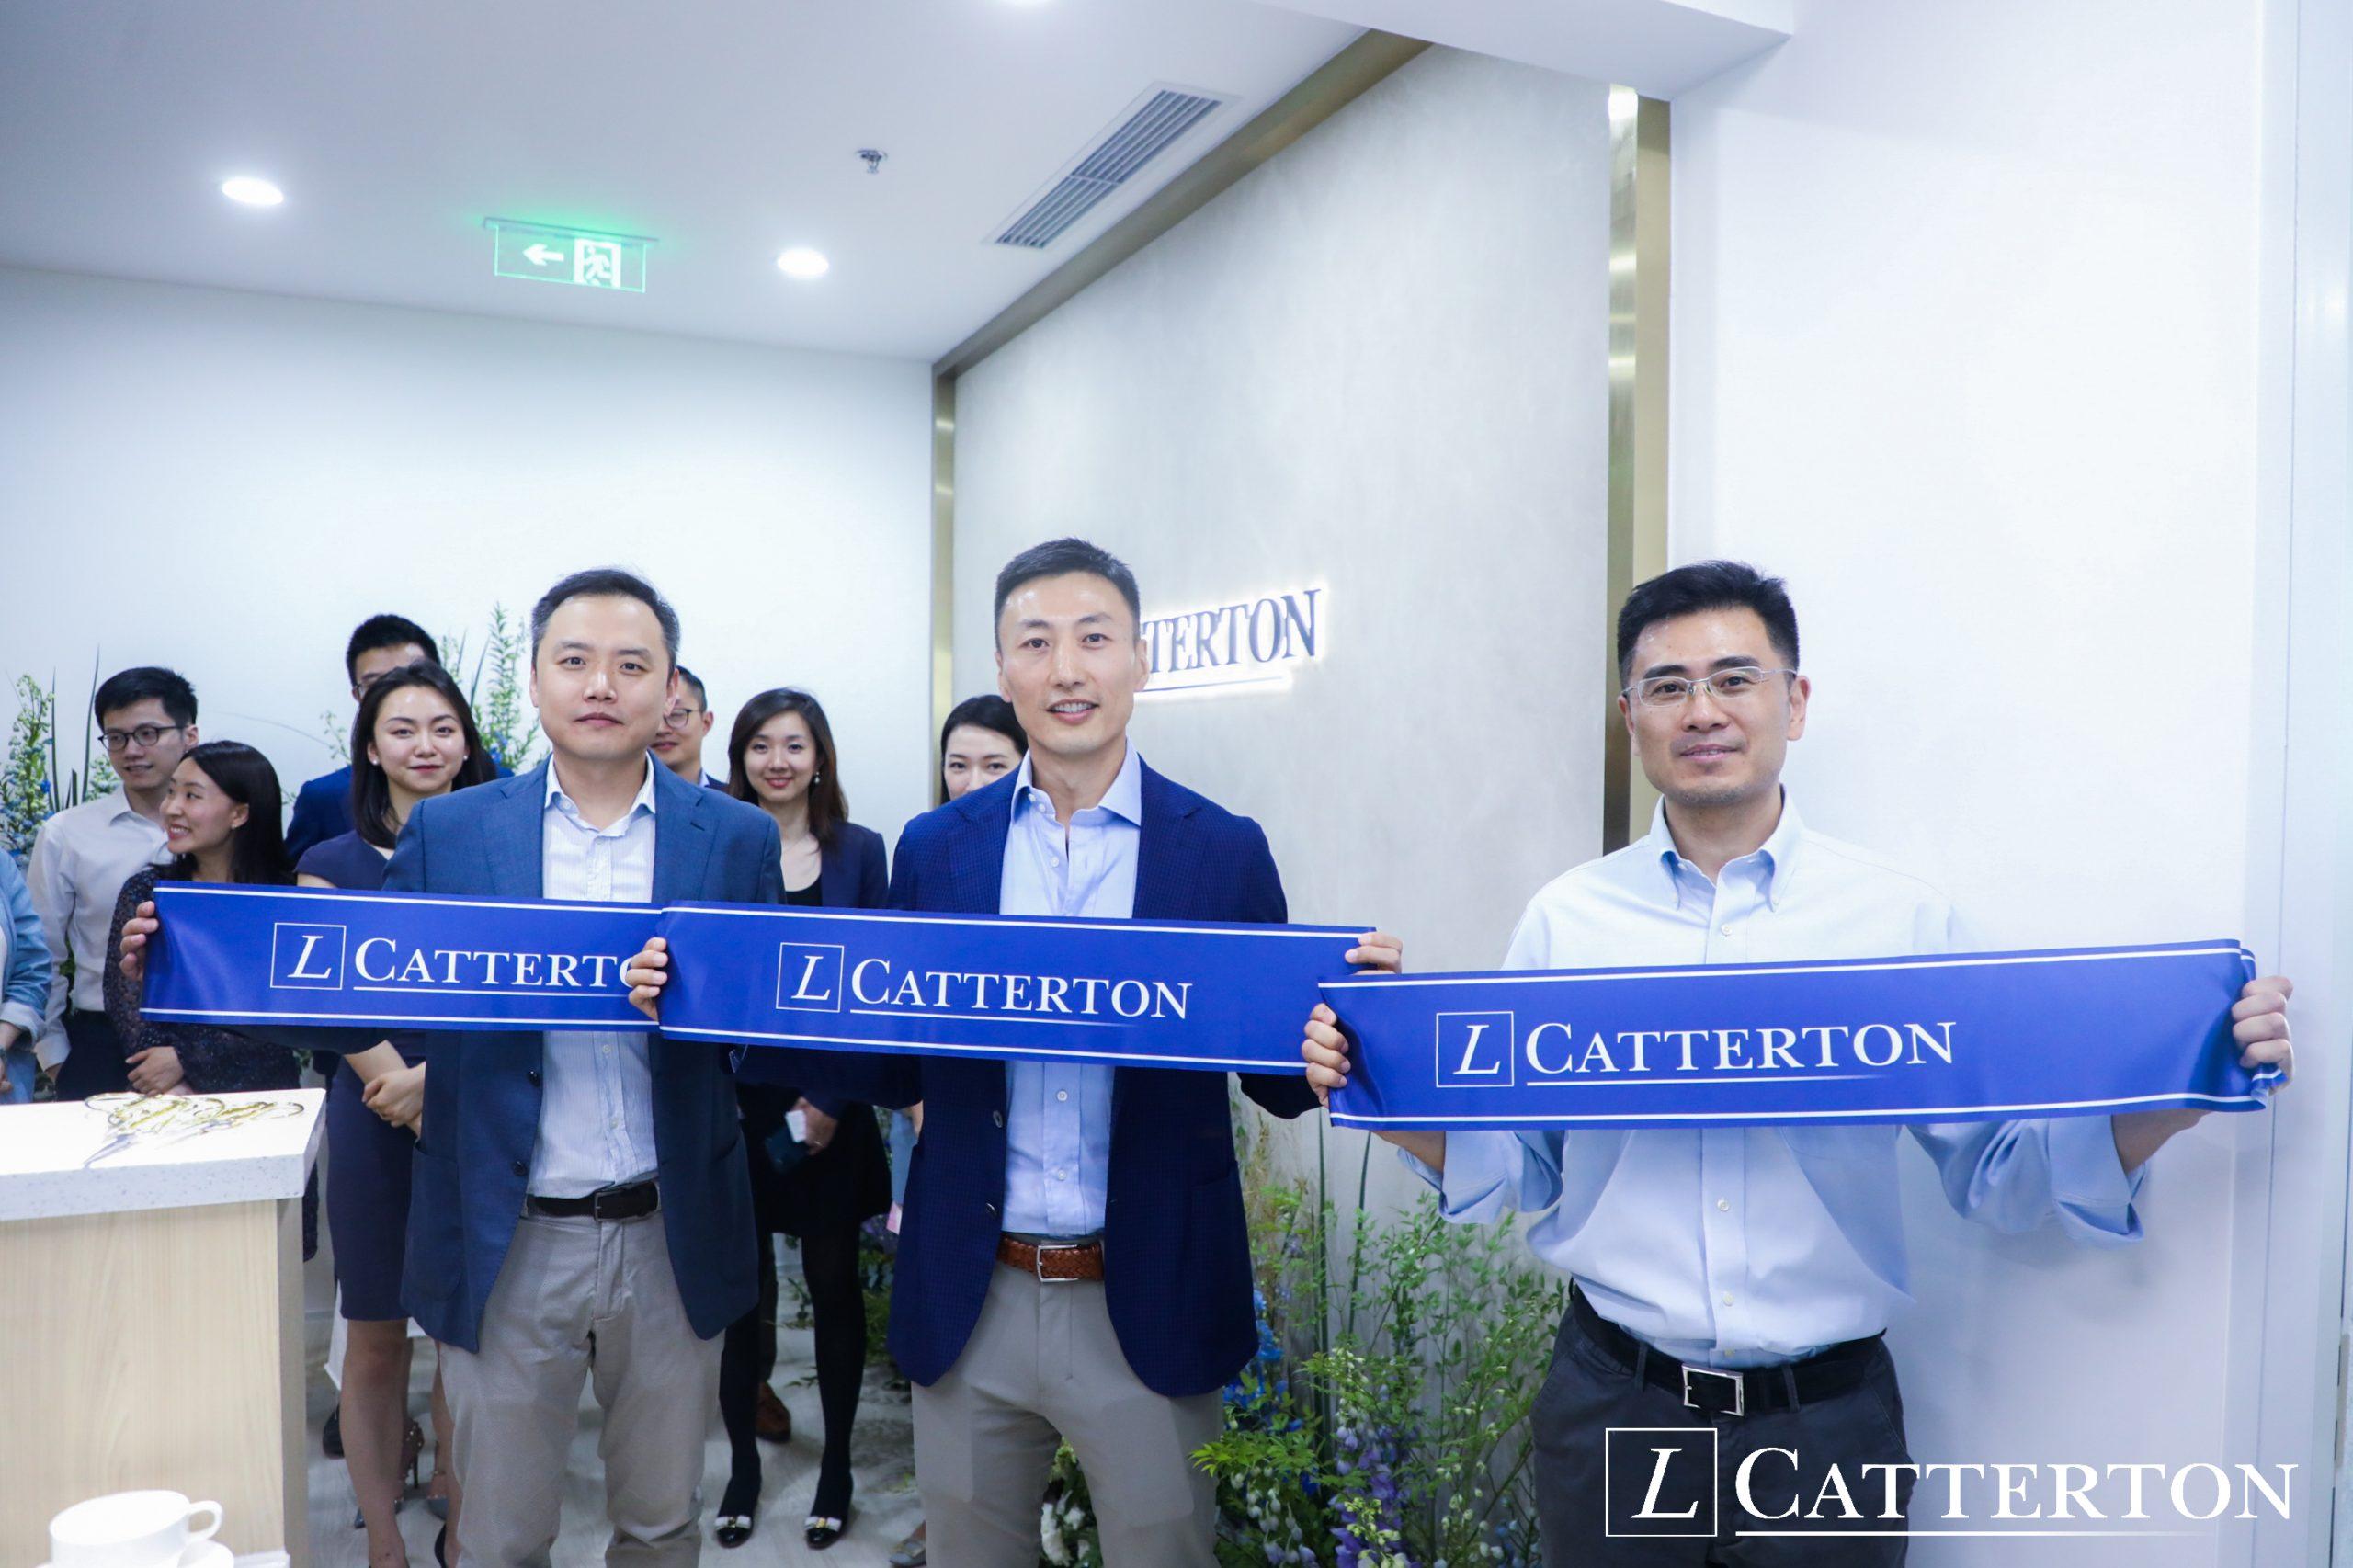 全球最大消费品私募基金 L Catterton北京办公室开业,并发起第一支人民币基金